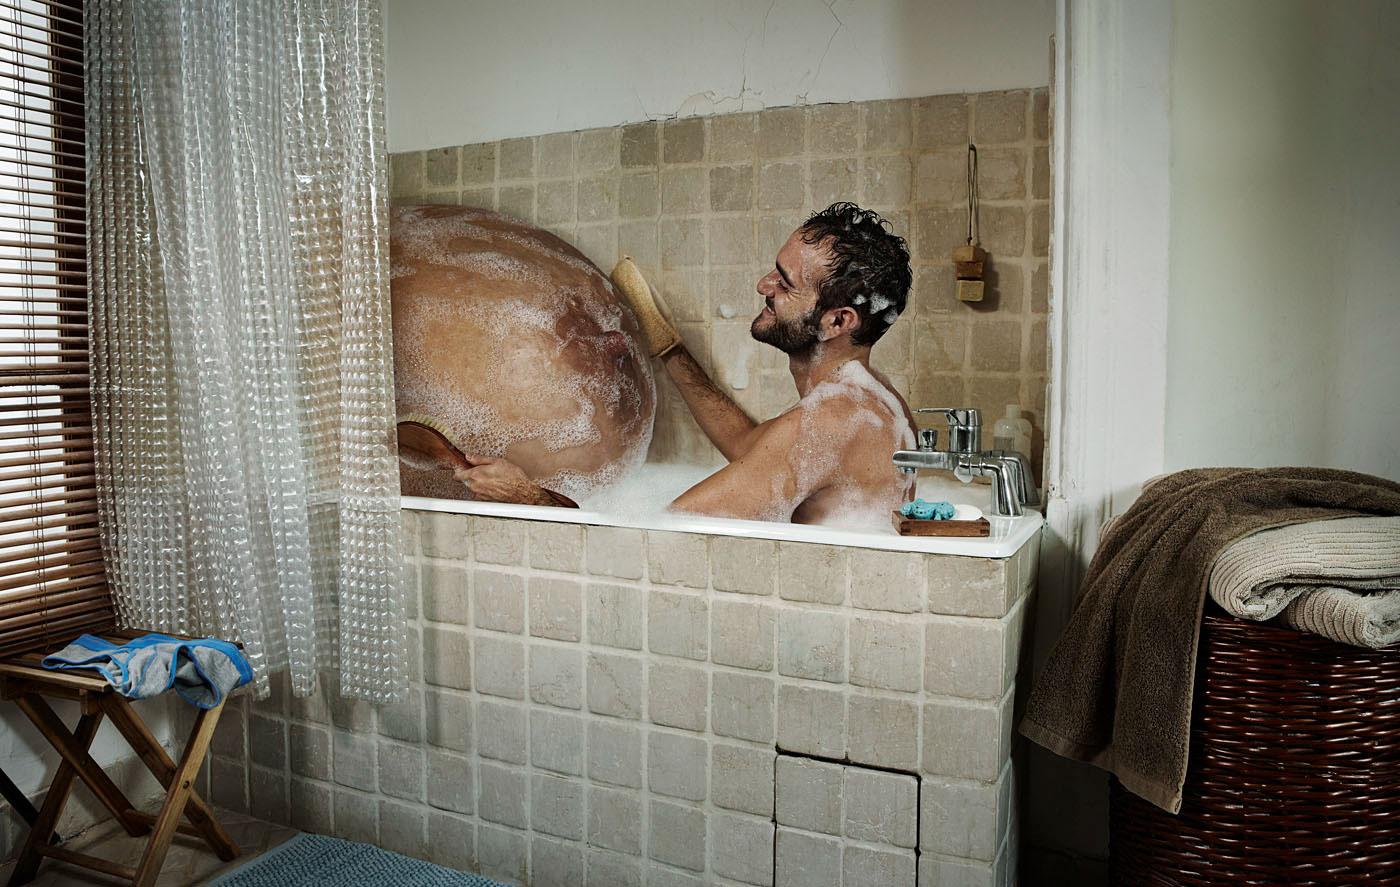 Прикольные картинки с мужчинами в ванне